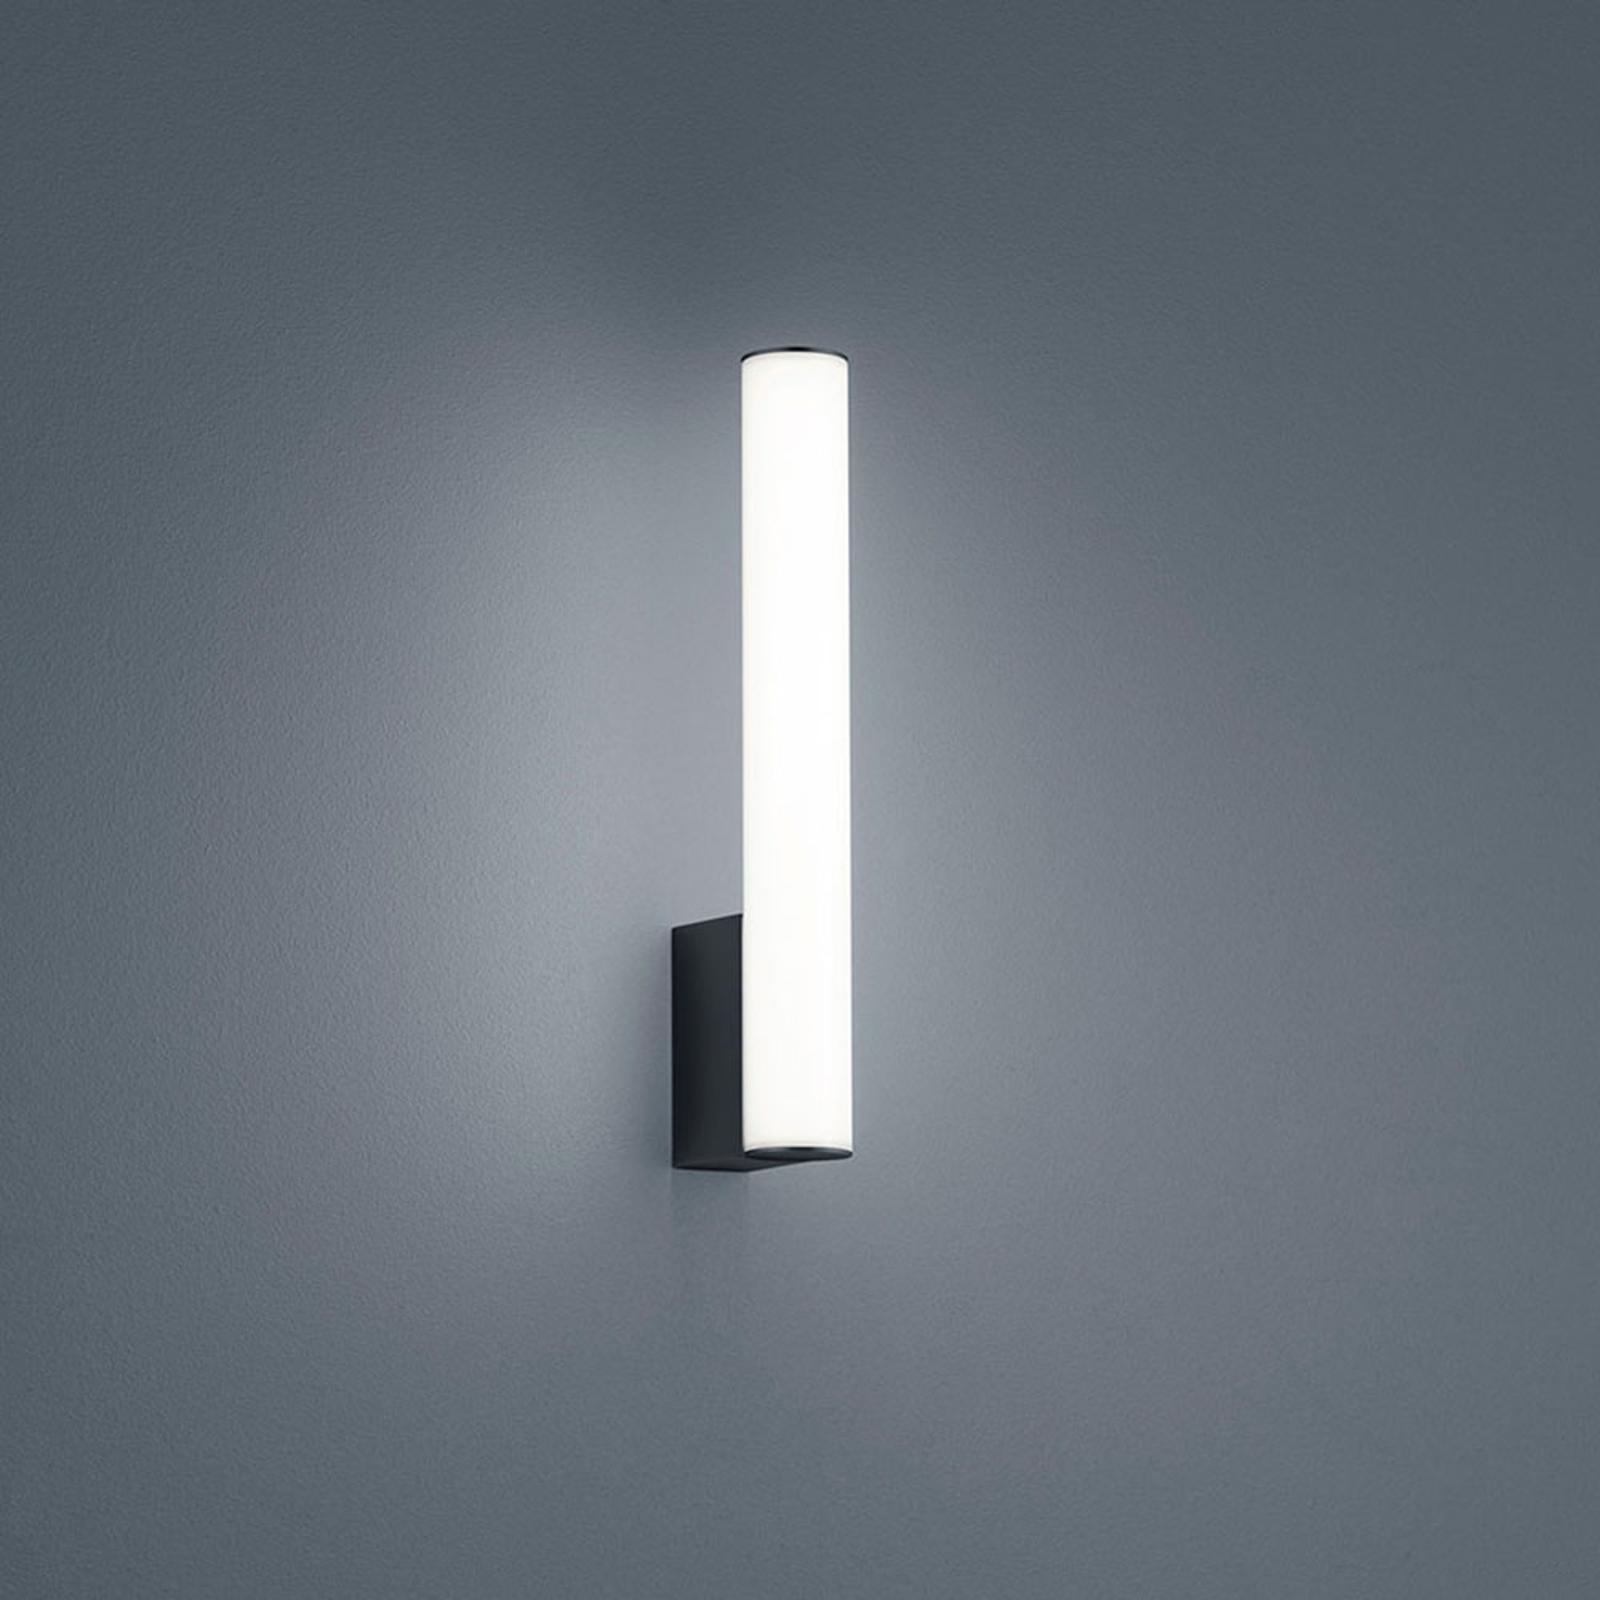 Helestra Loom LED-Spiegelleuchte schwarz 30 cm